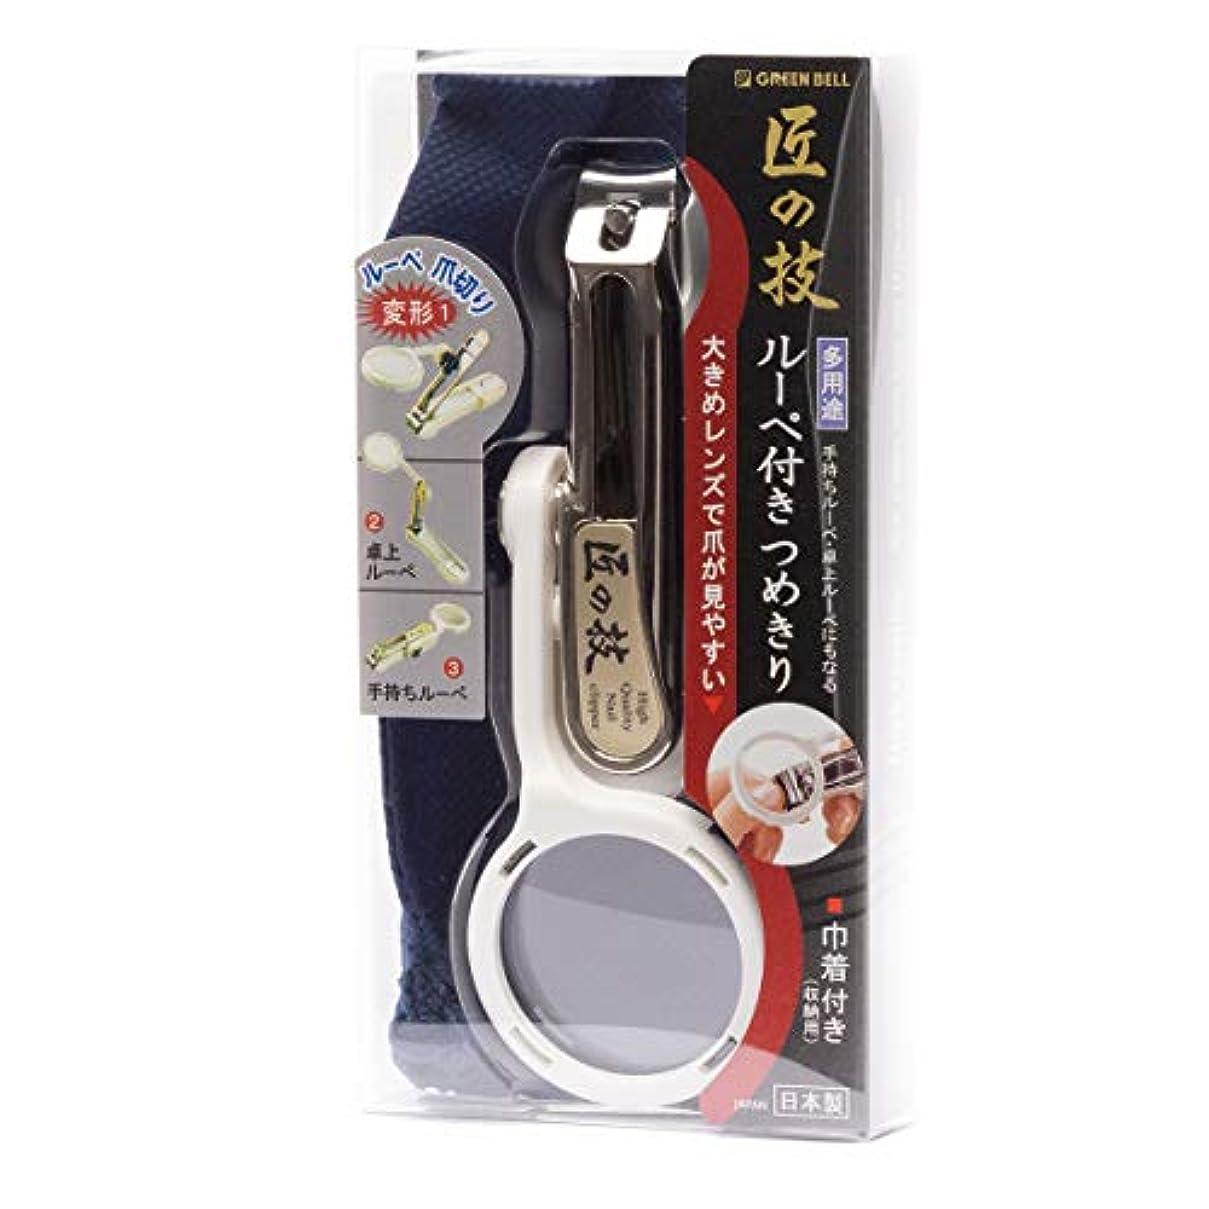 九時四十五分シティ先にMIDI-ミディ 匠の技 ルーペ付き つめきり 白 メガネ拭き セット (p-880122,p-k0055)